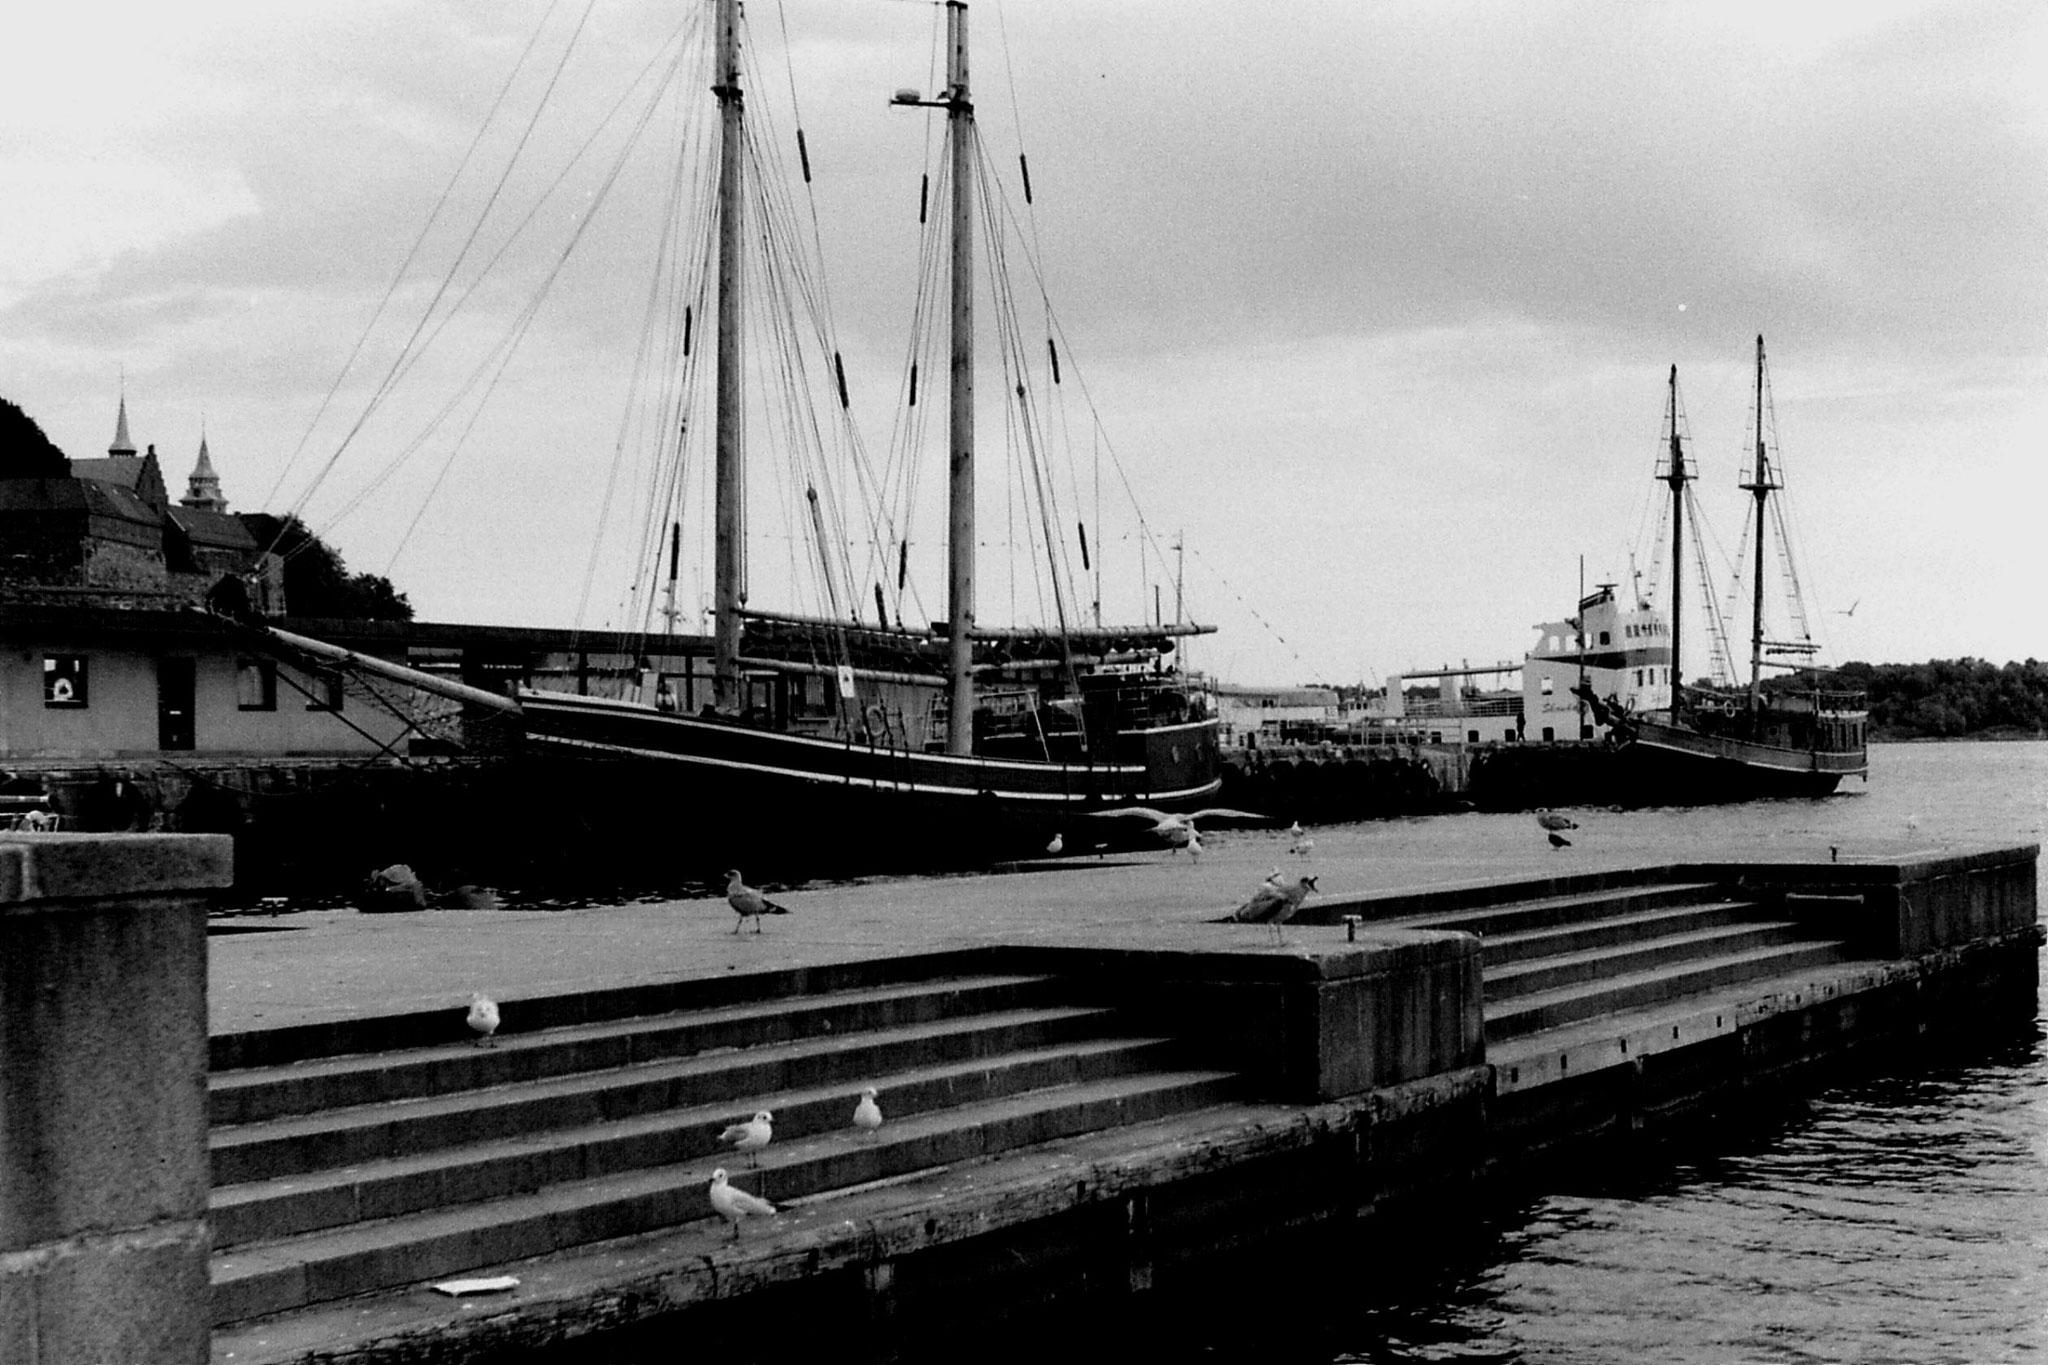 15/9/1988: 9: Oslo harbour